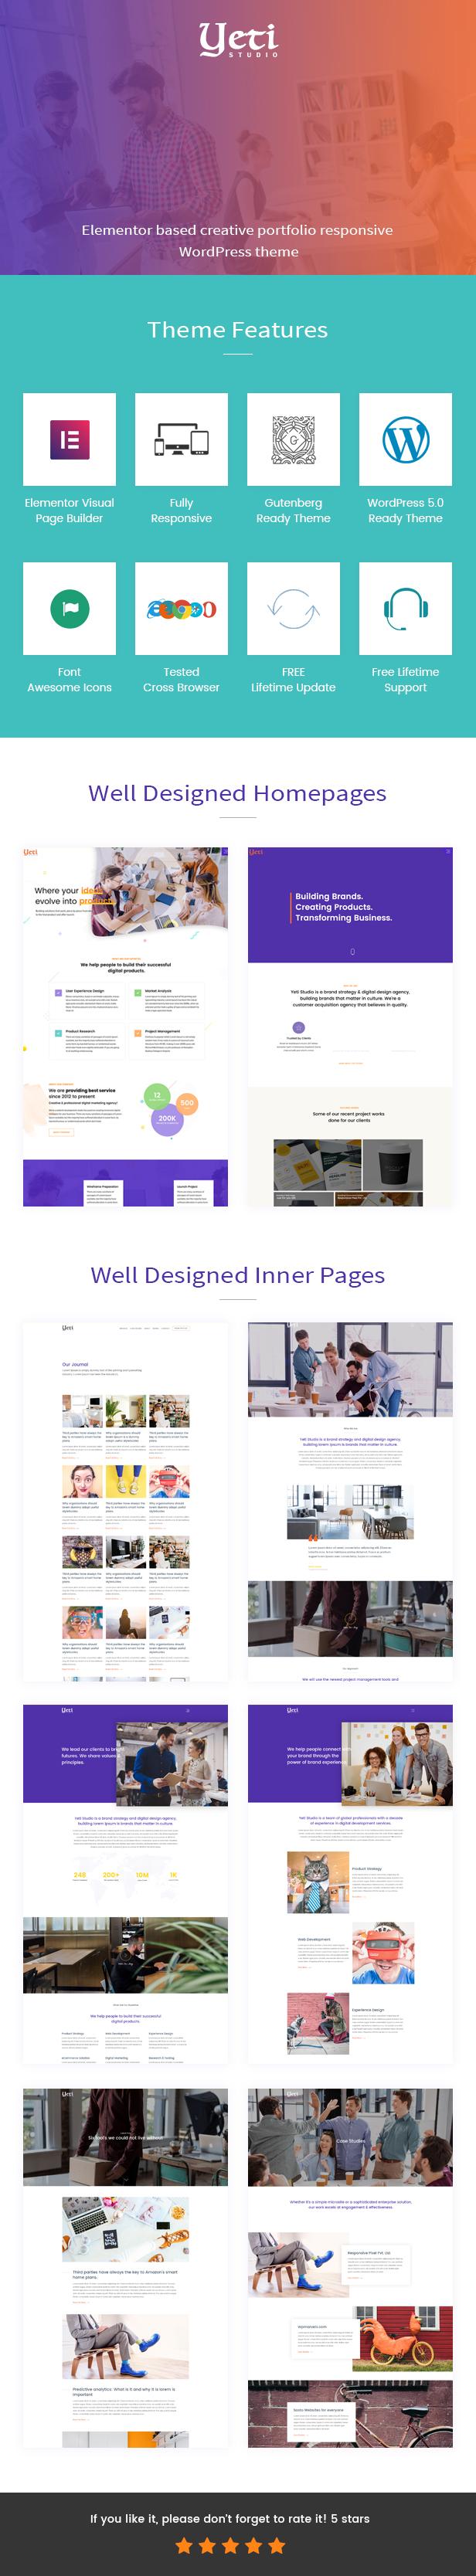 Yeti - Responsive WordPress Theme for Portfolio - 4